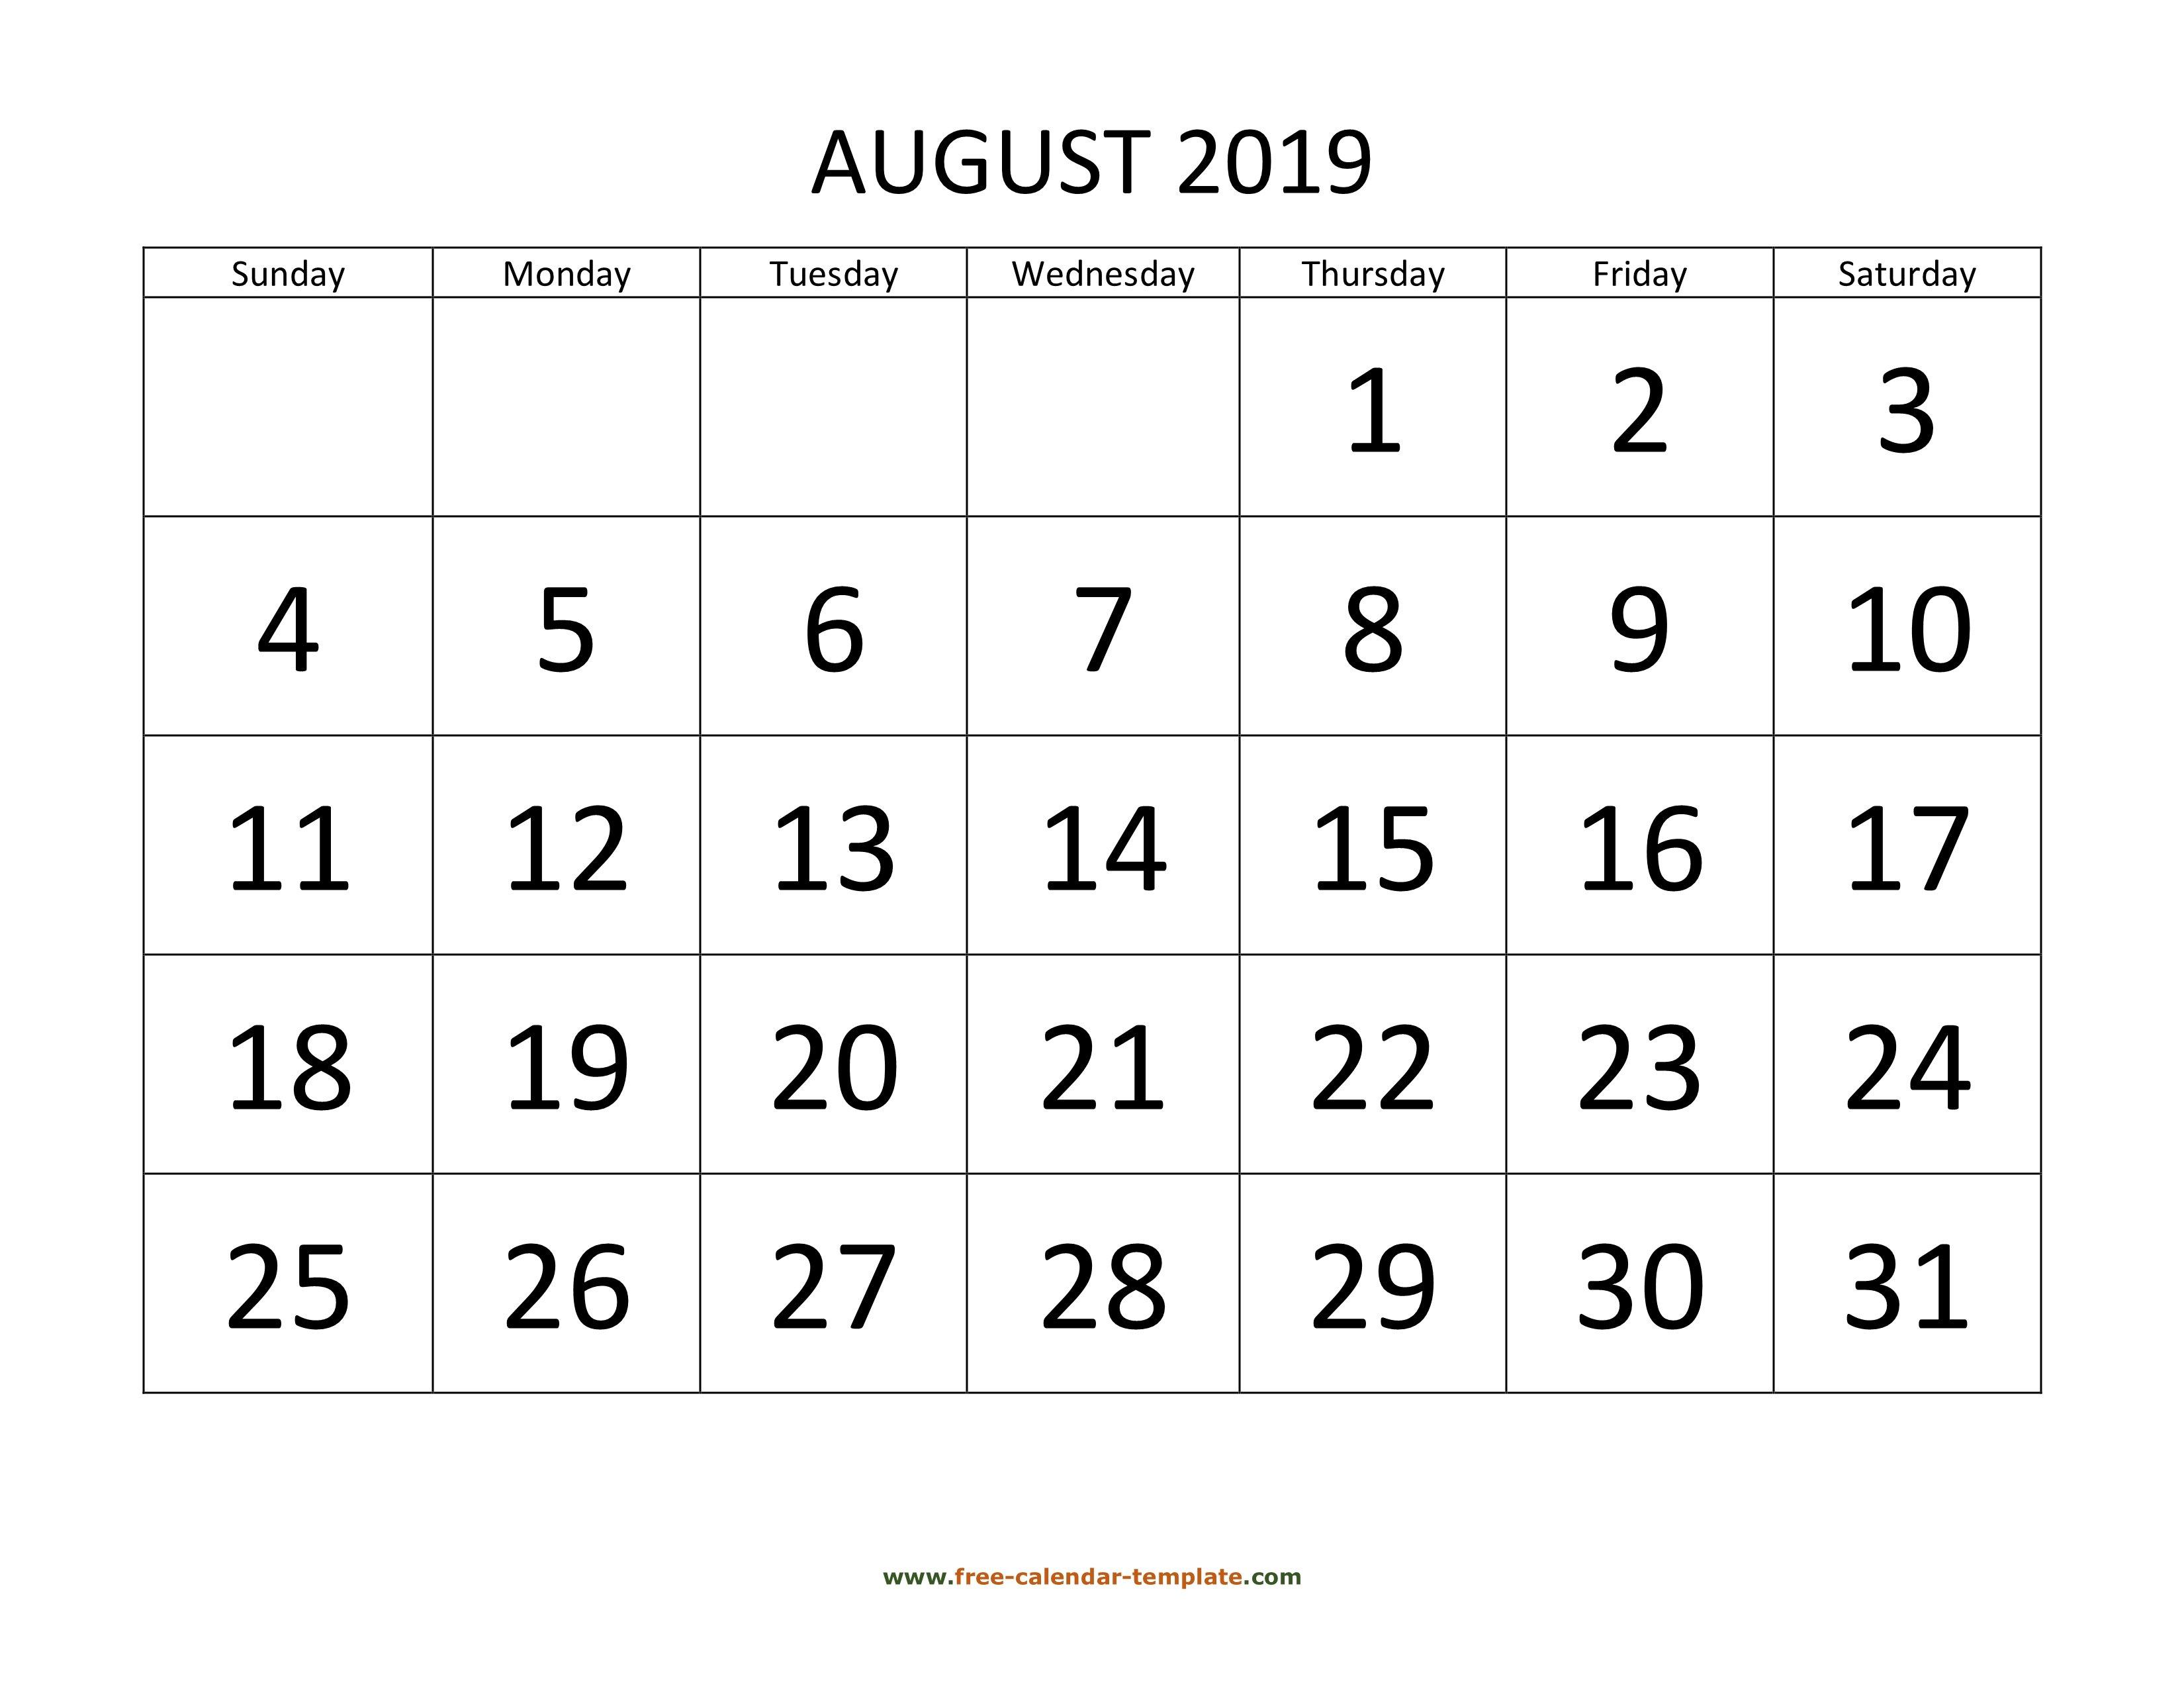 August 2019 Free Calendar Tempplate | Free-Calendar-Template August 1 2019 Calendar